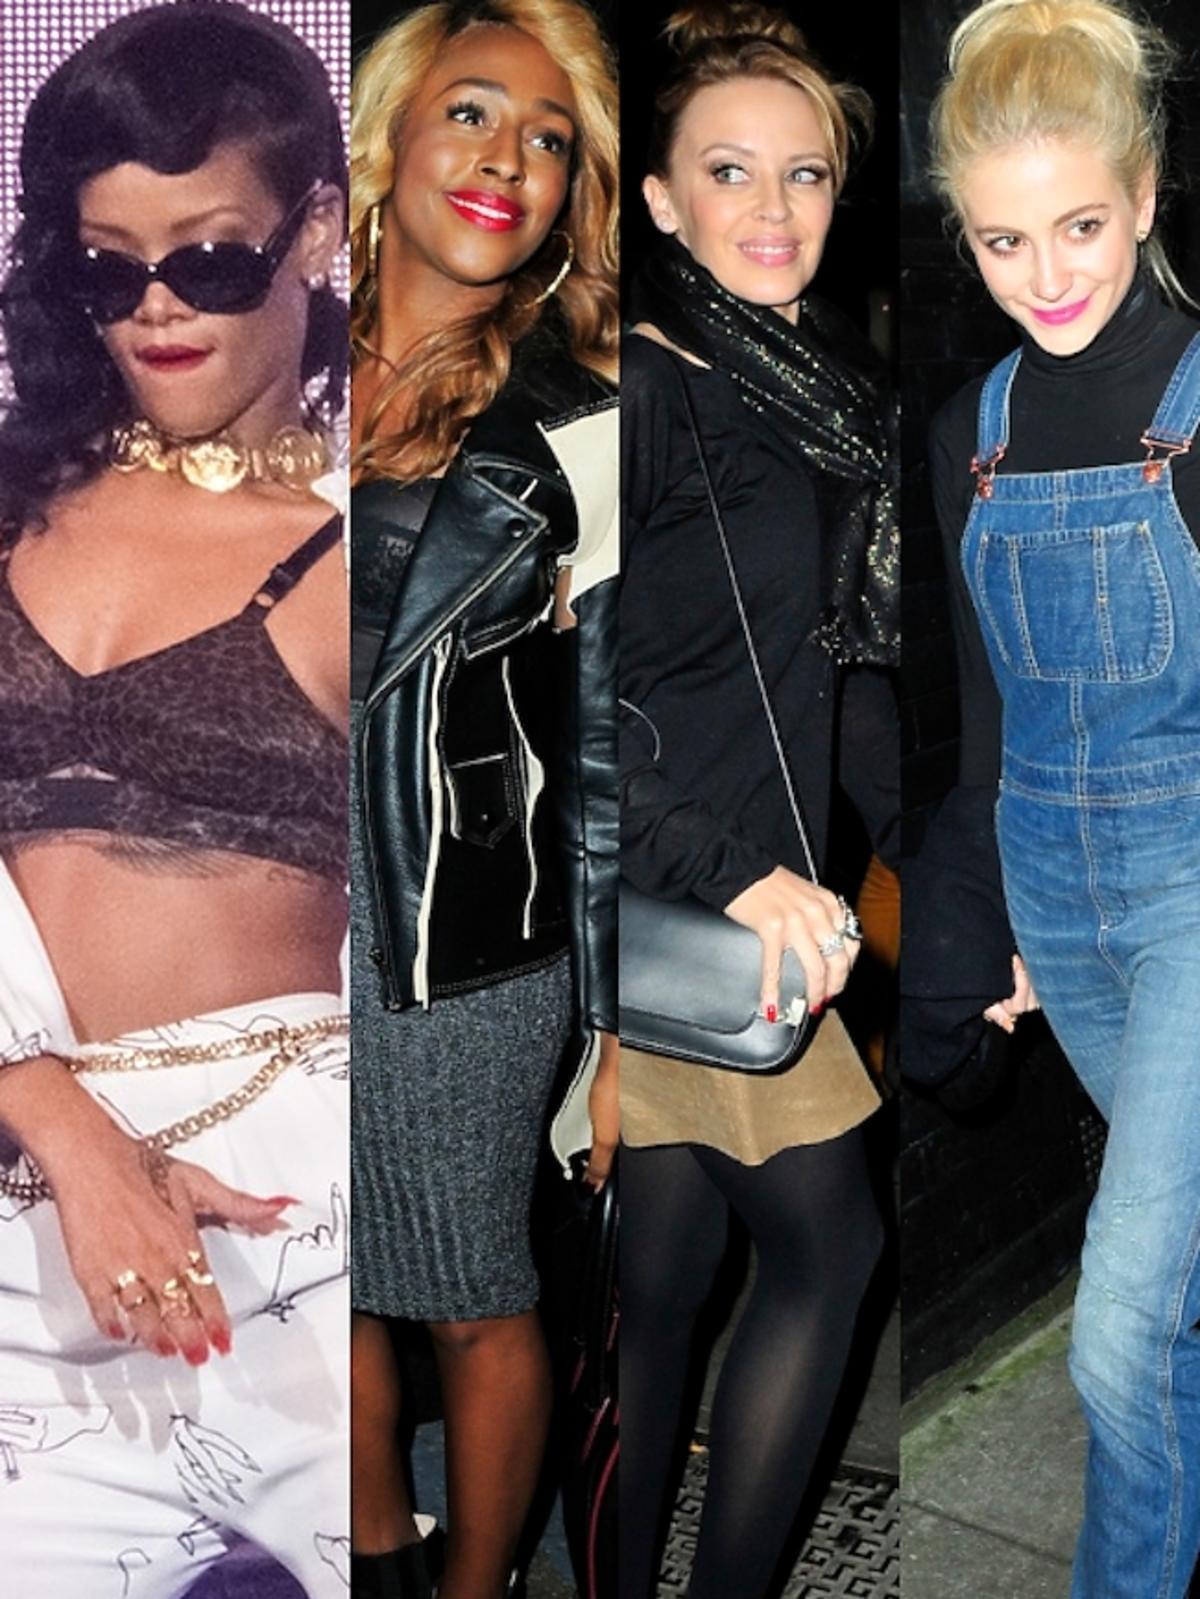 Gwiazdy na kocnercie Rihanny w Londynie